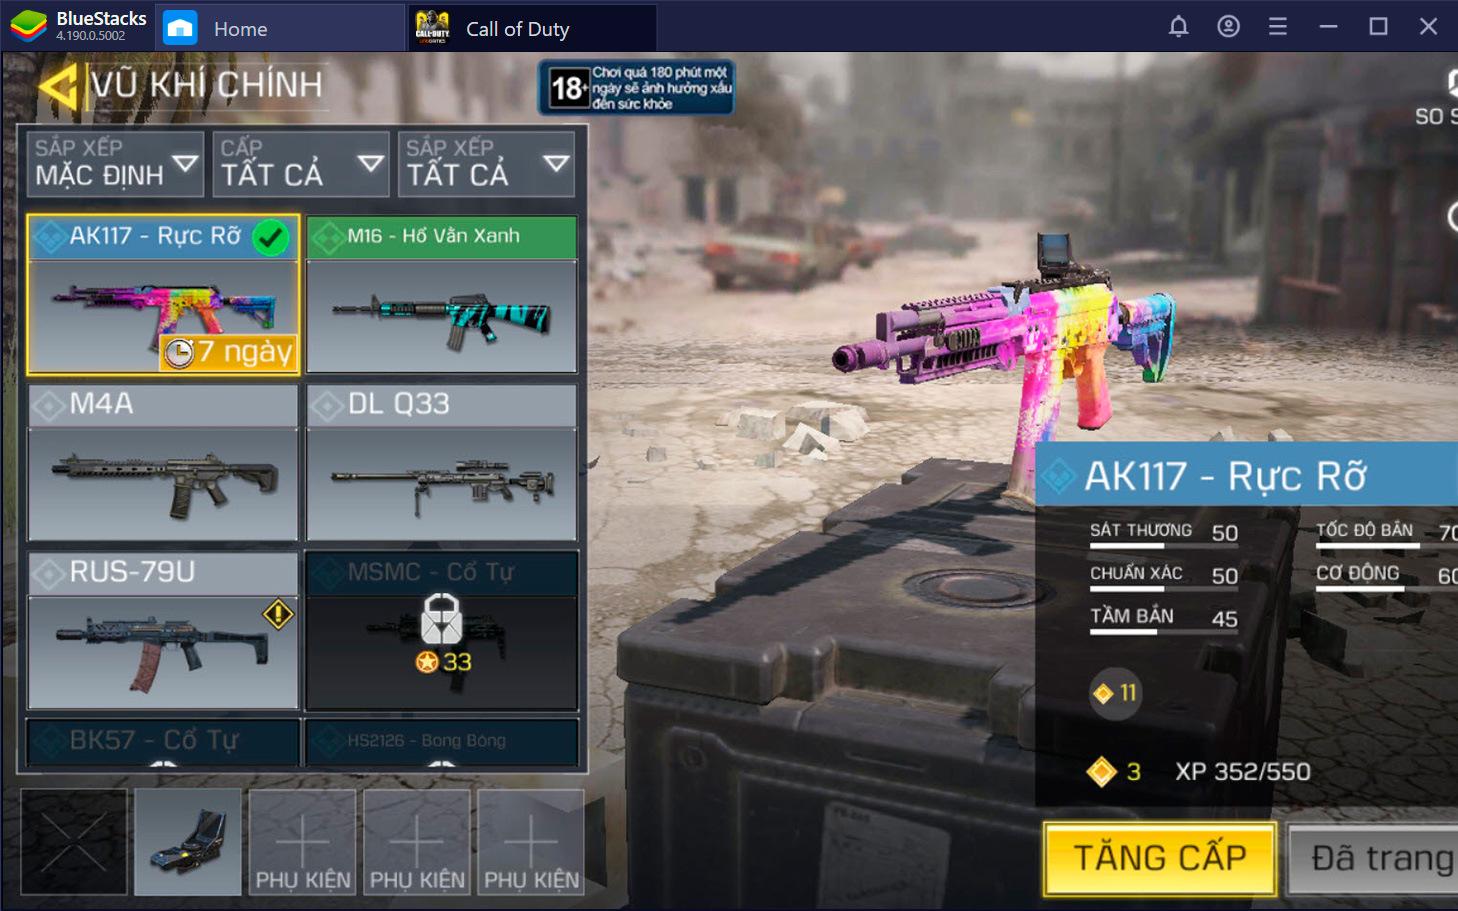 Cách nâng cấp, lắp thêm trang bị cho vũ khí trong Call of Duty: Mobile